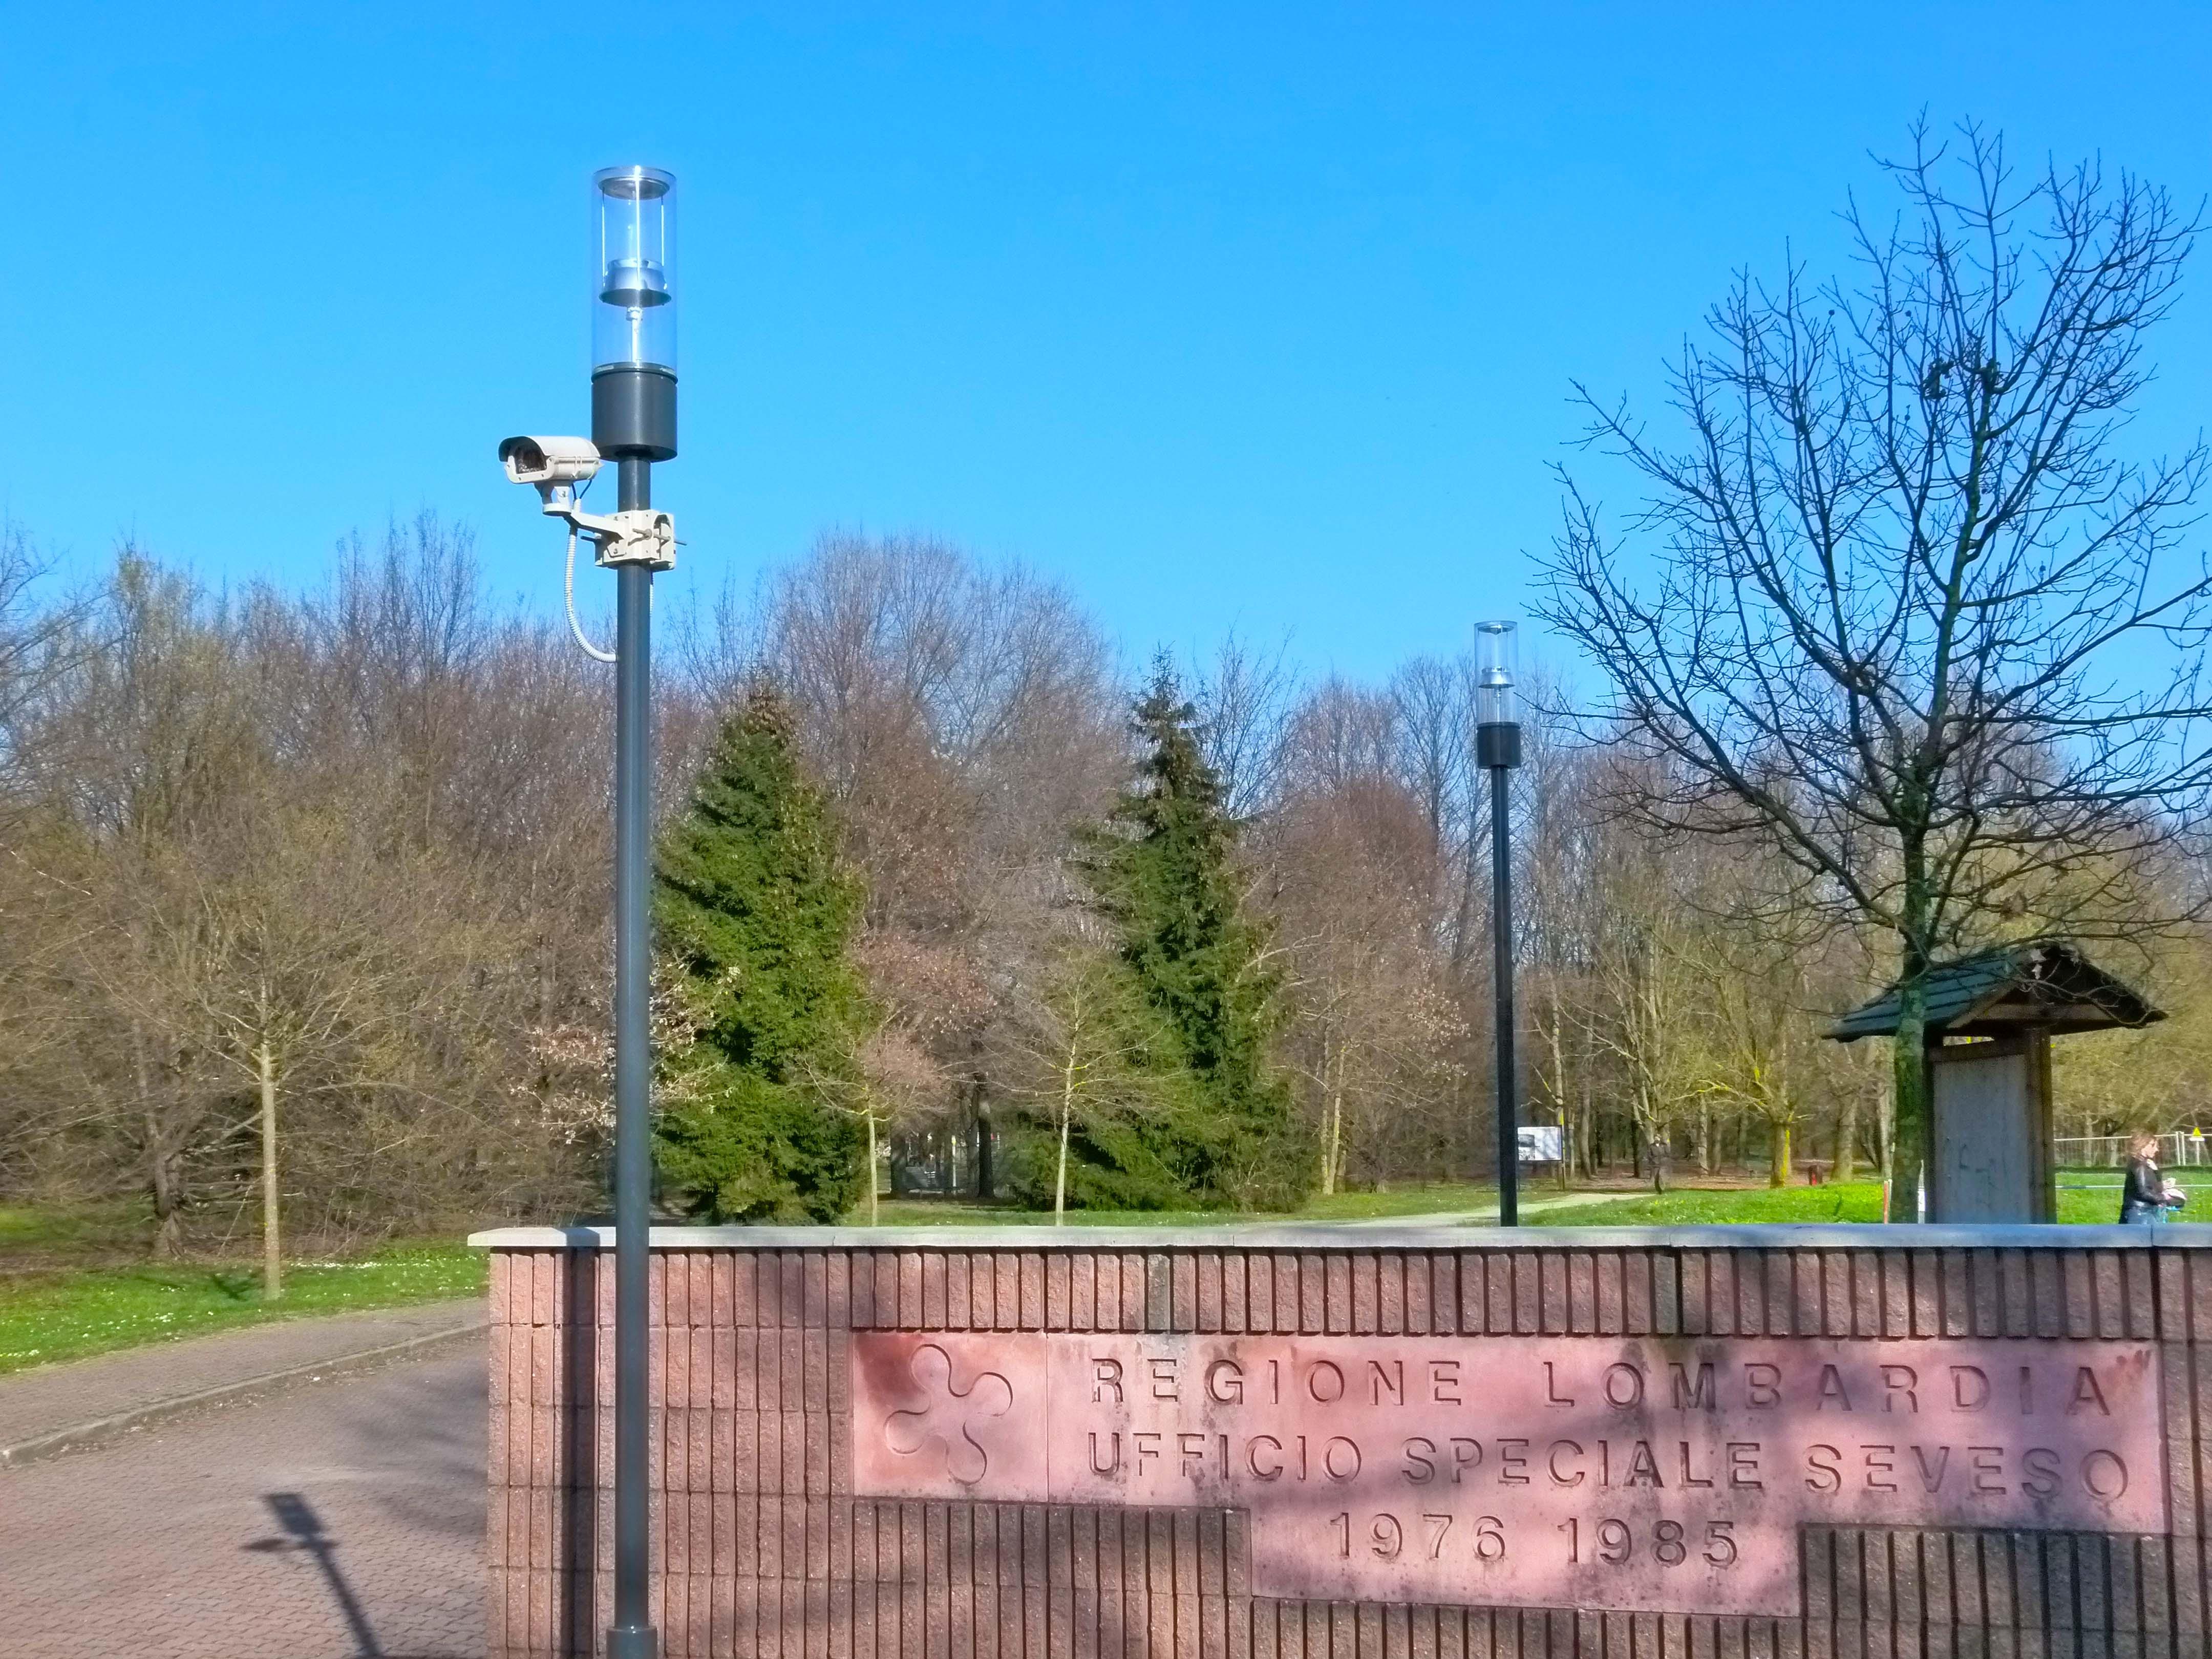 Dara parco appuntamenti divieto sollevatoprove per levoluzione radioattivo datazione